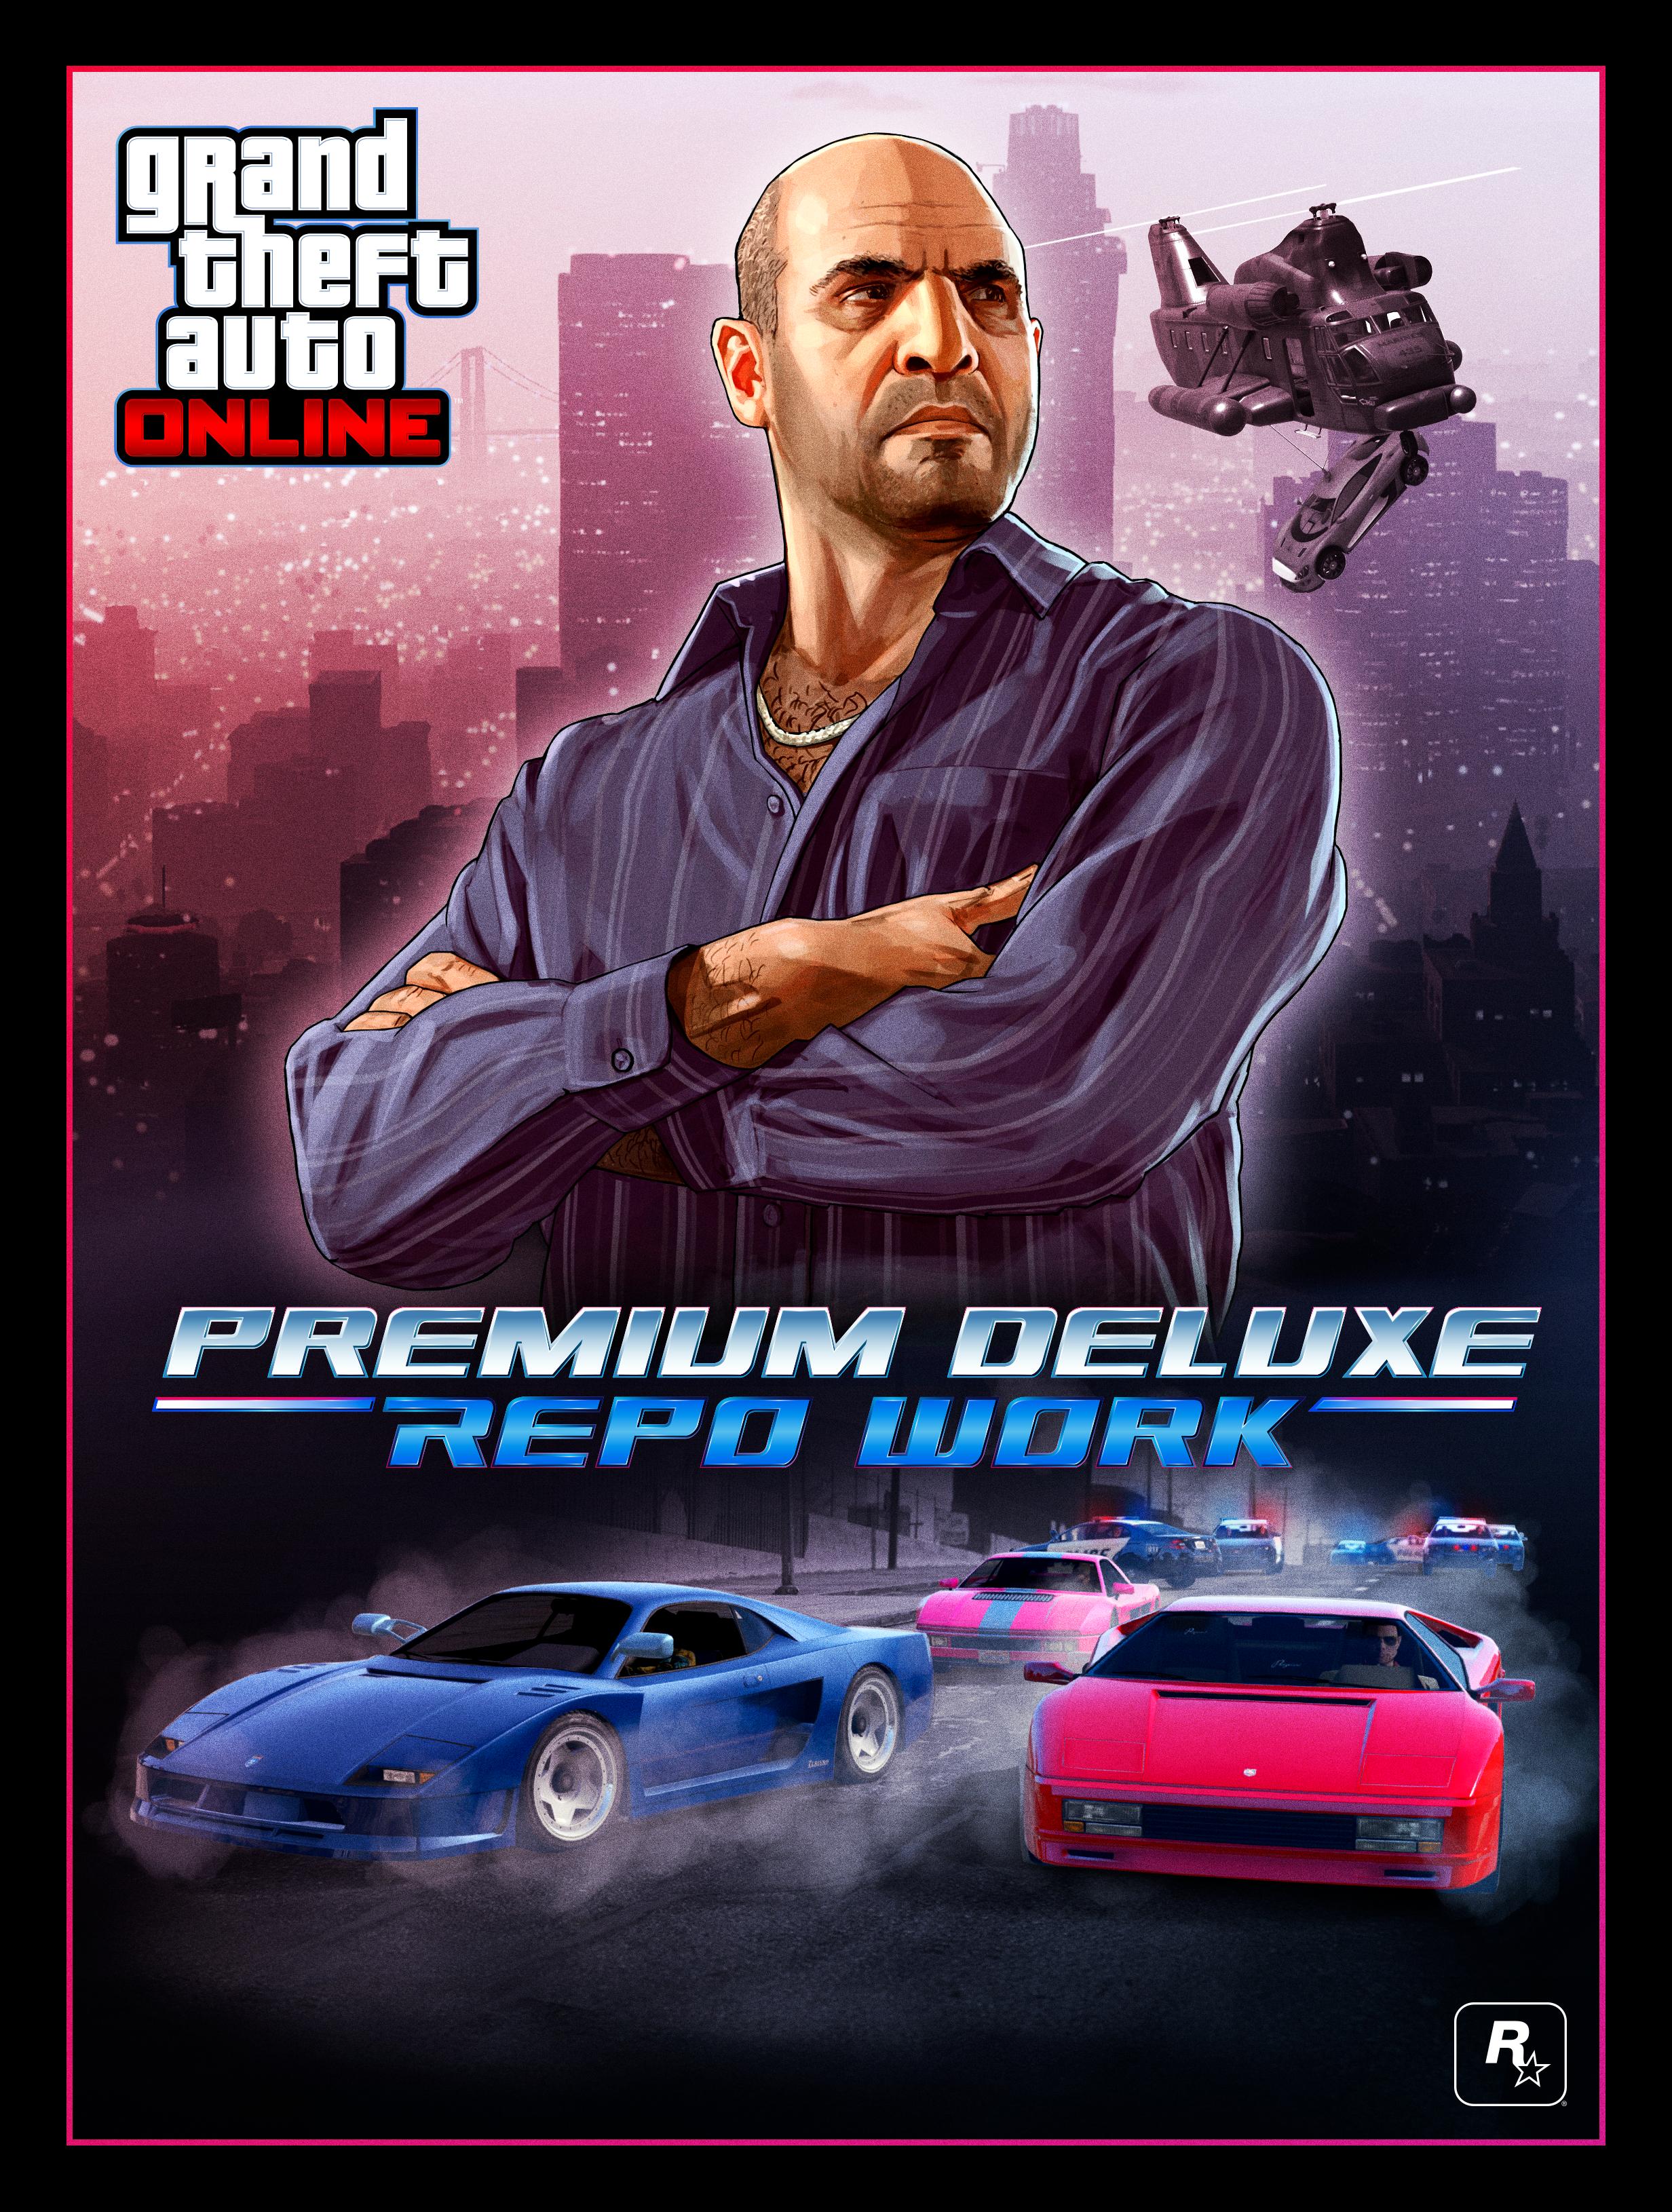 New Missions: Simeon's Premium Deluxe Repo Work - Rockstar Games